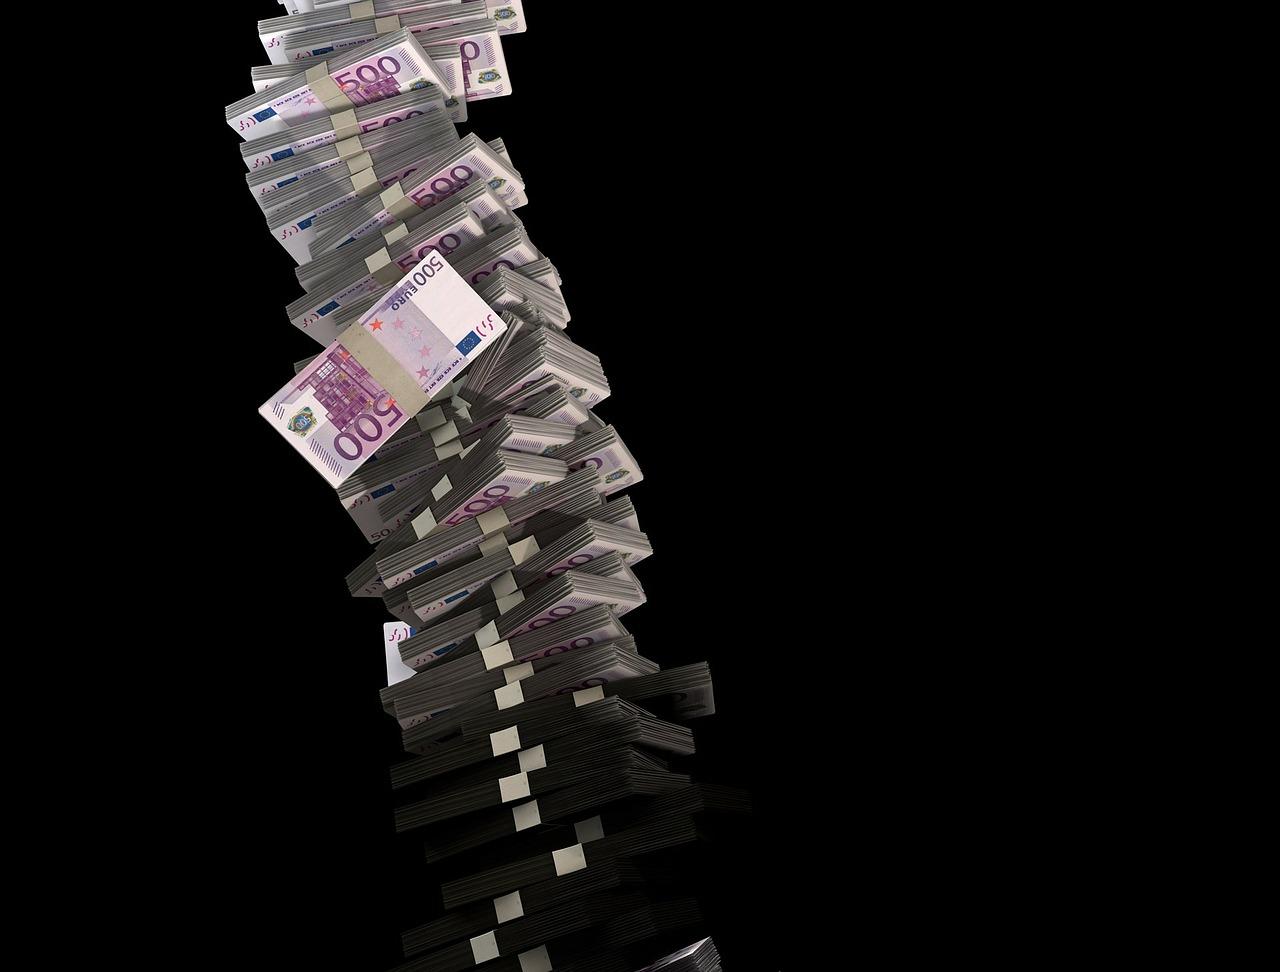 Jak wykorzystać otwartą bankowość? Najważniejsze zalety rozwiązań open banking